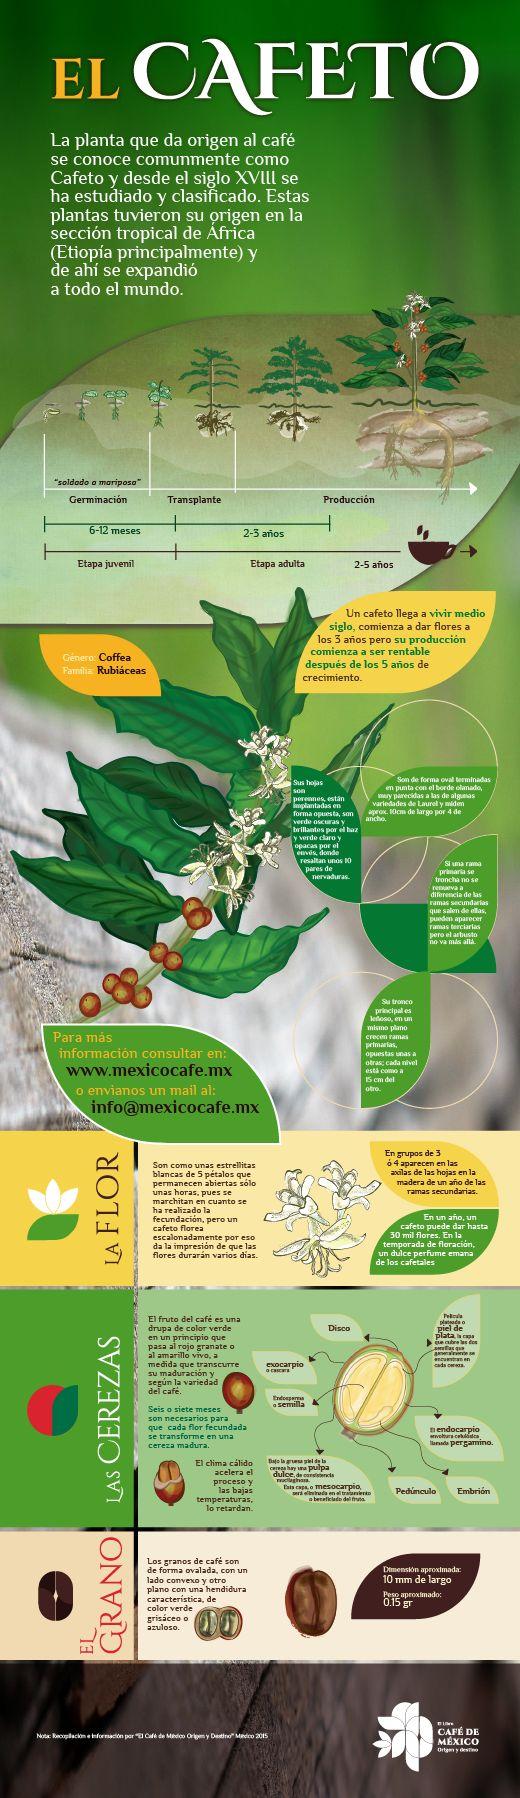 El cafeto. Un cafeto llega a vivir medio siglo, comienza a dar flores a los 3 años pero su producción comienza a ser rentable después de los 5 años de crecimiento.